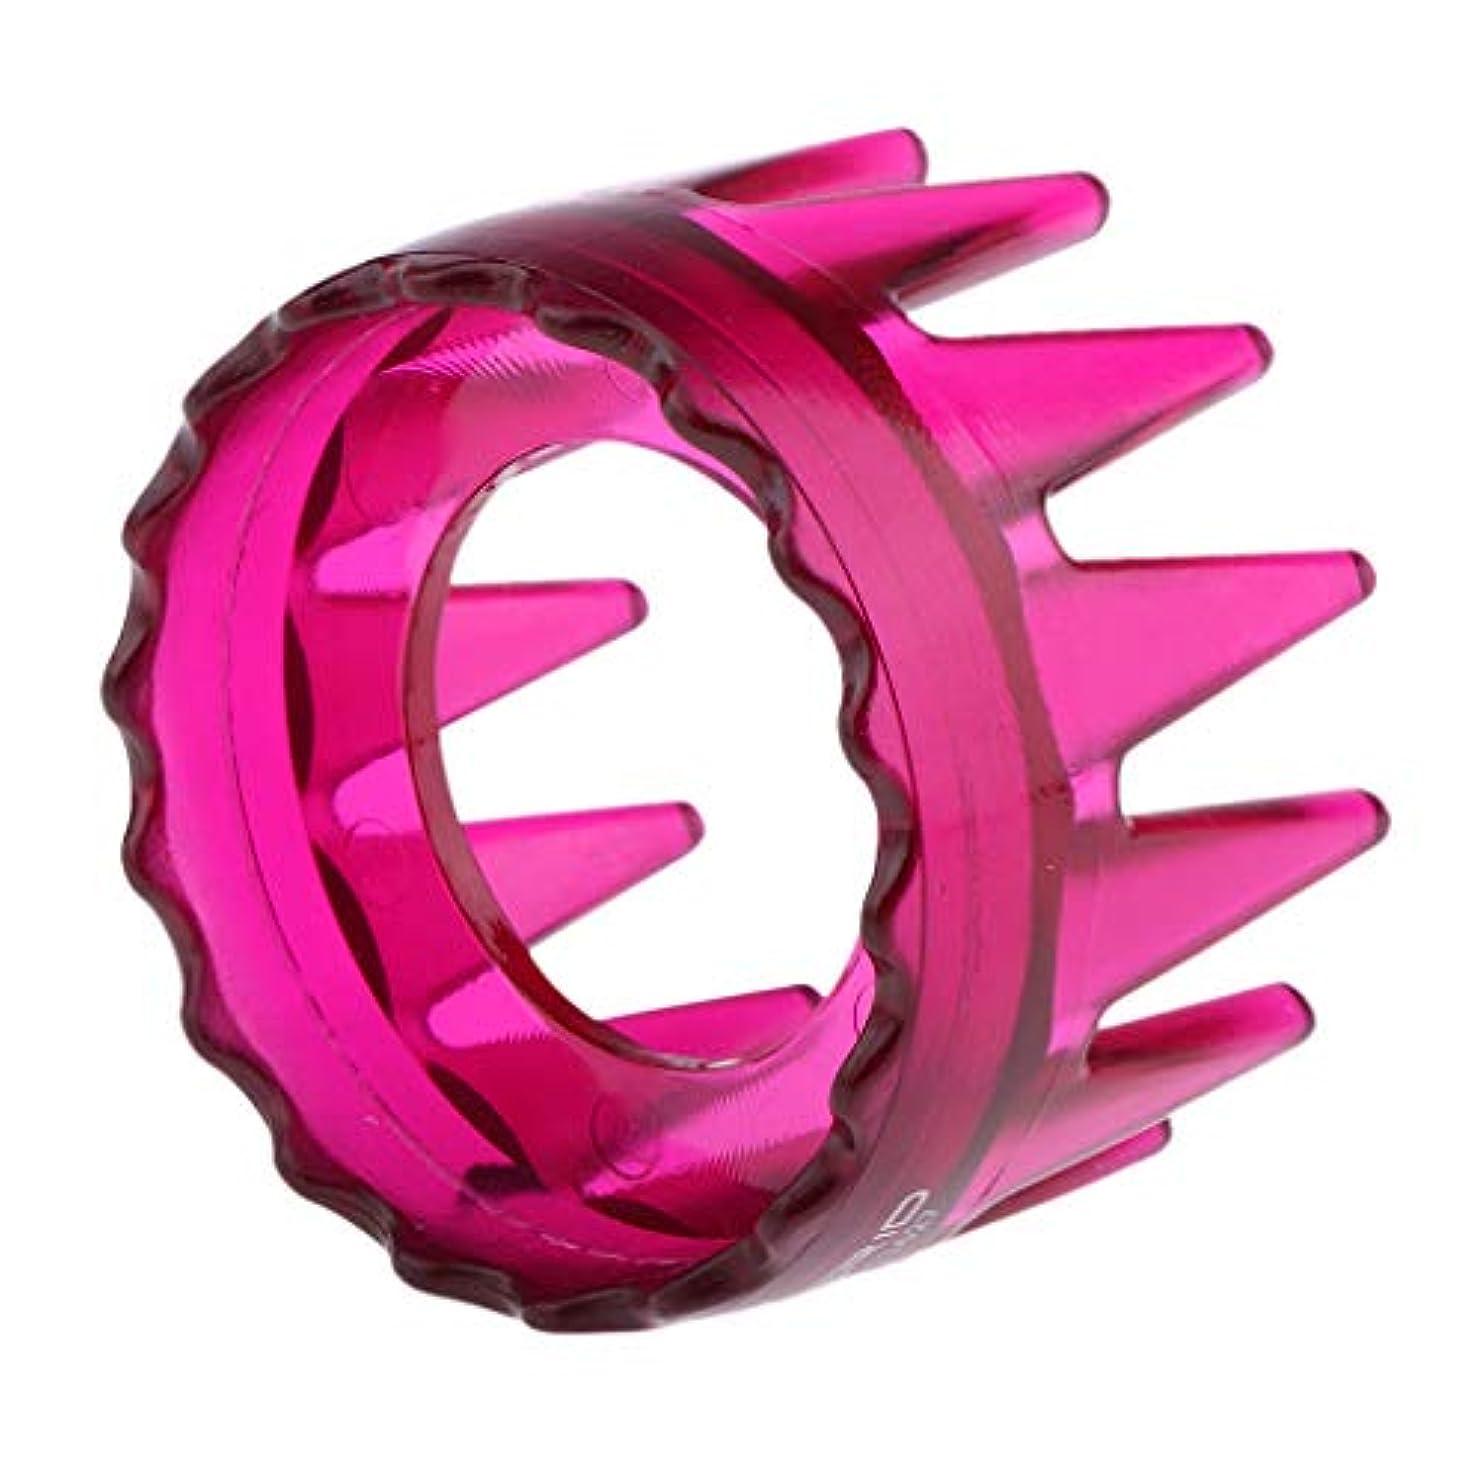 丈夫クリップ悪夢プラスチック製 シャンプーブラシ 洗髪櫛 マッサージャー ヘアコーム ヘアブラシ 直径約6cm 全4色 - ローズレッド